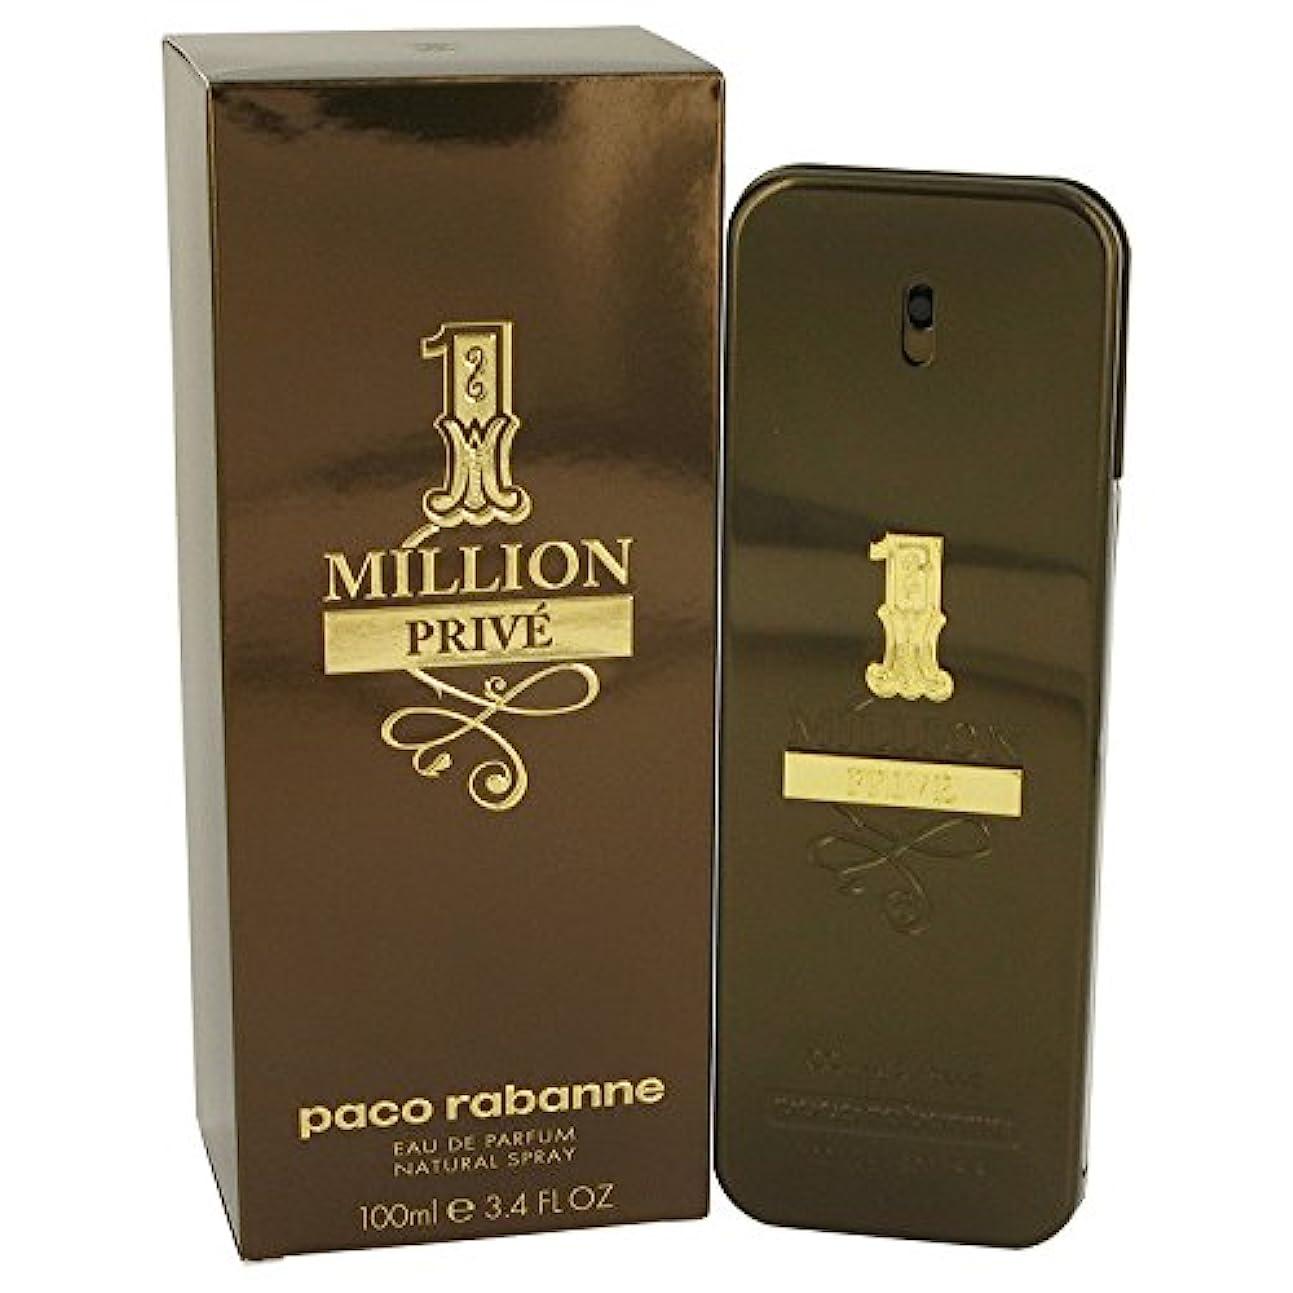 流出オーケストラコカイン1 Million Prive by Paco Rabanne Eau De Parfum Spray 100 ml [並行輸入品]